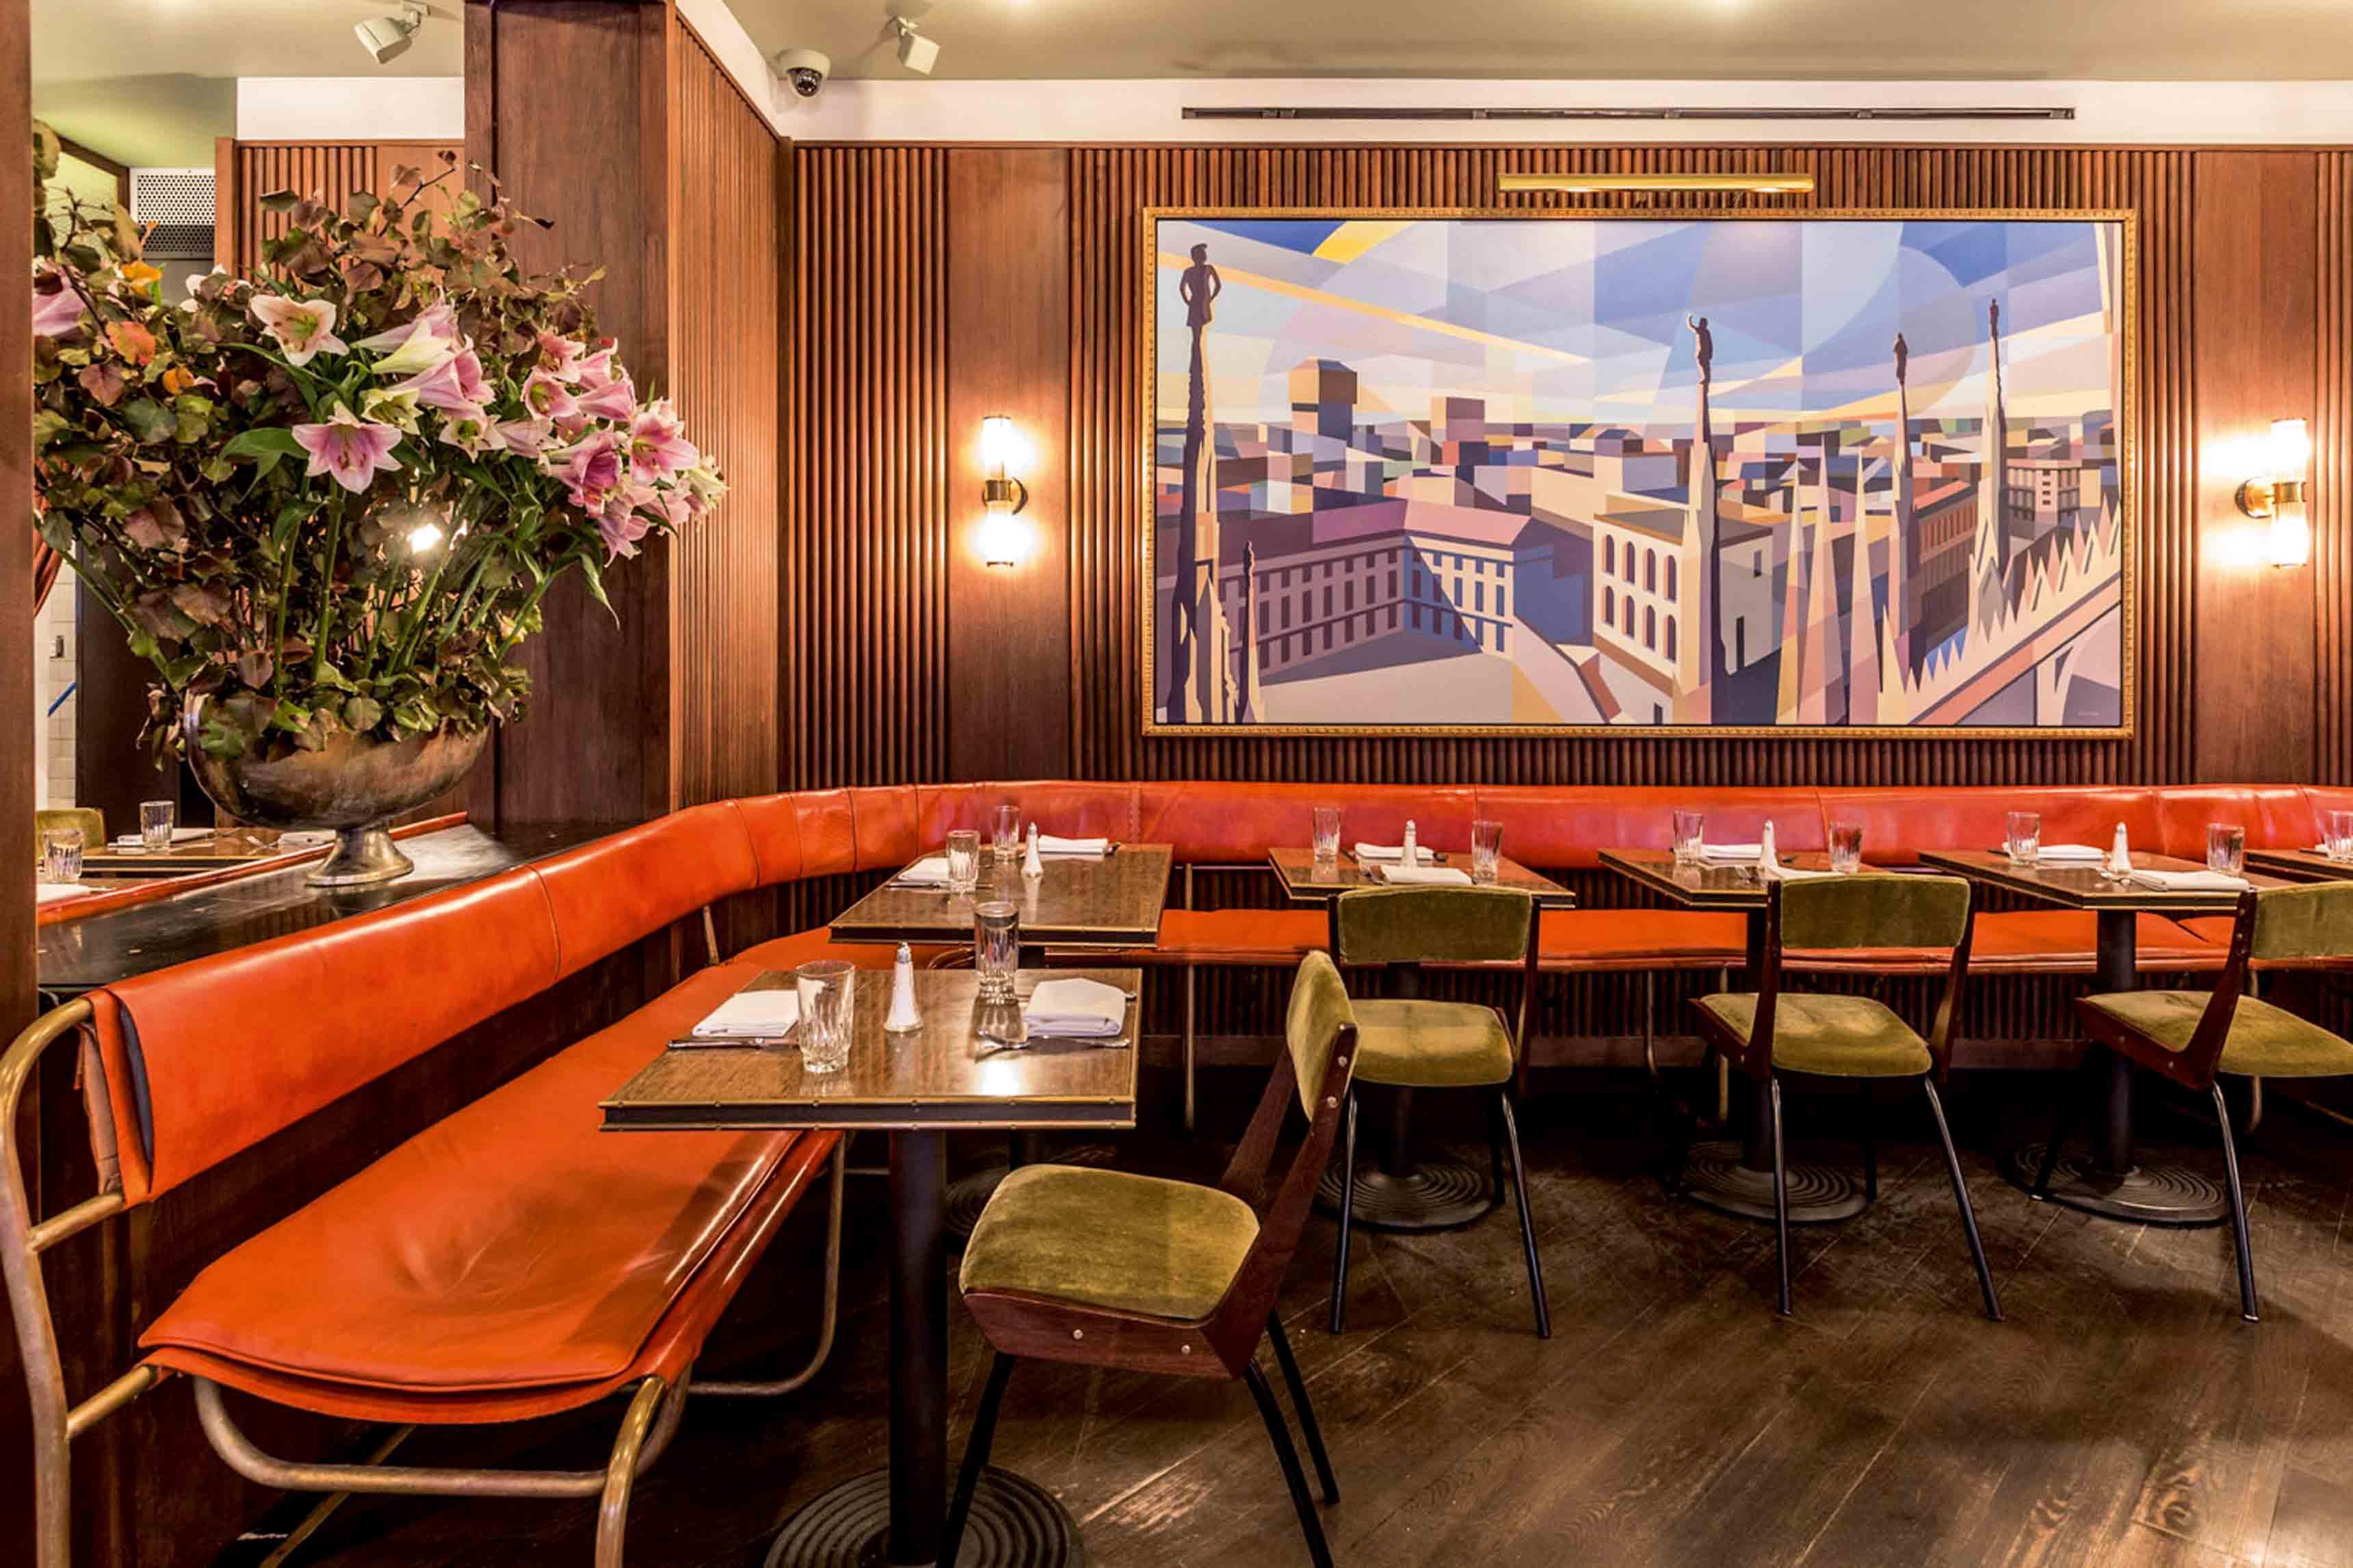 Les adresses de michael kors new york for Jardin restaurant madison